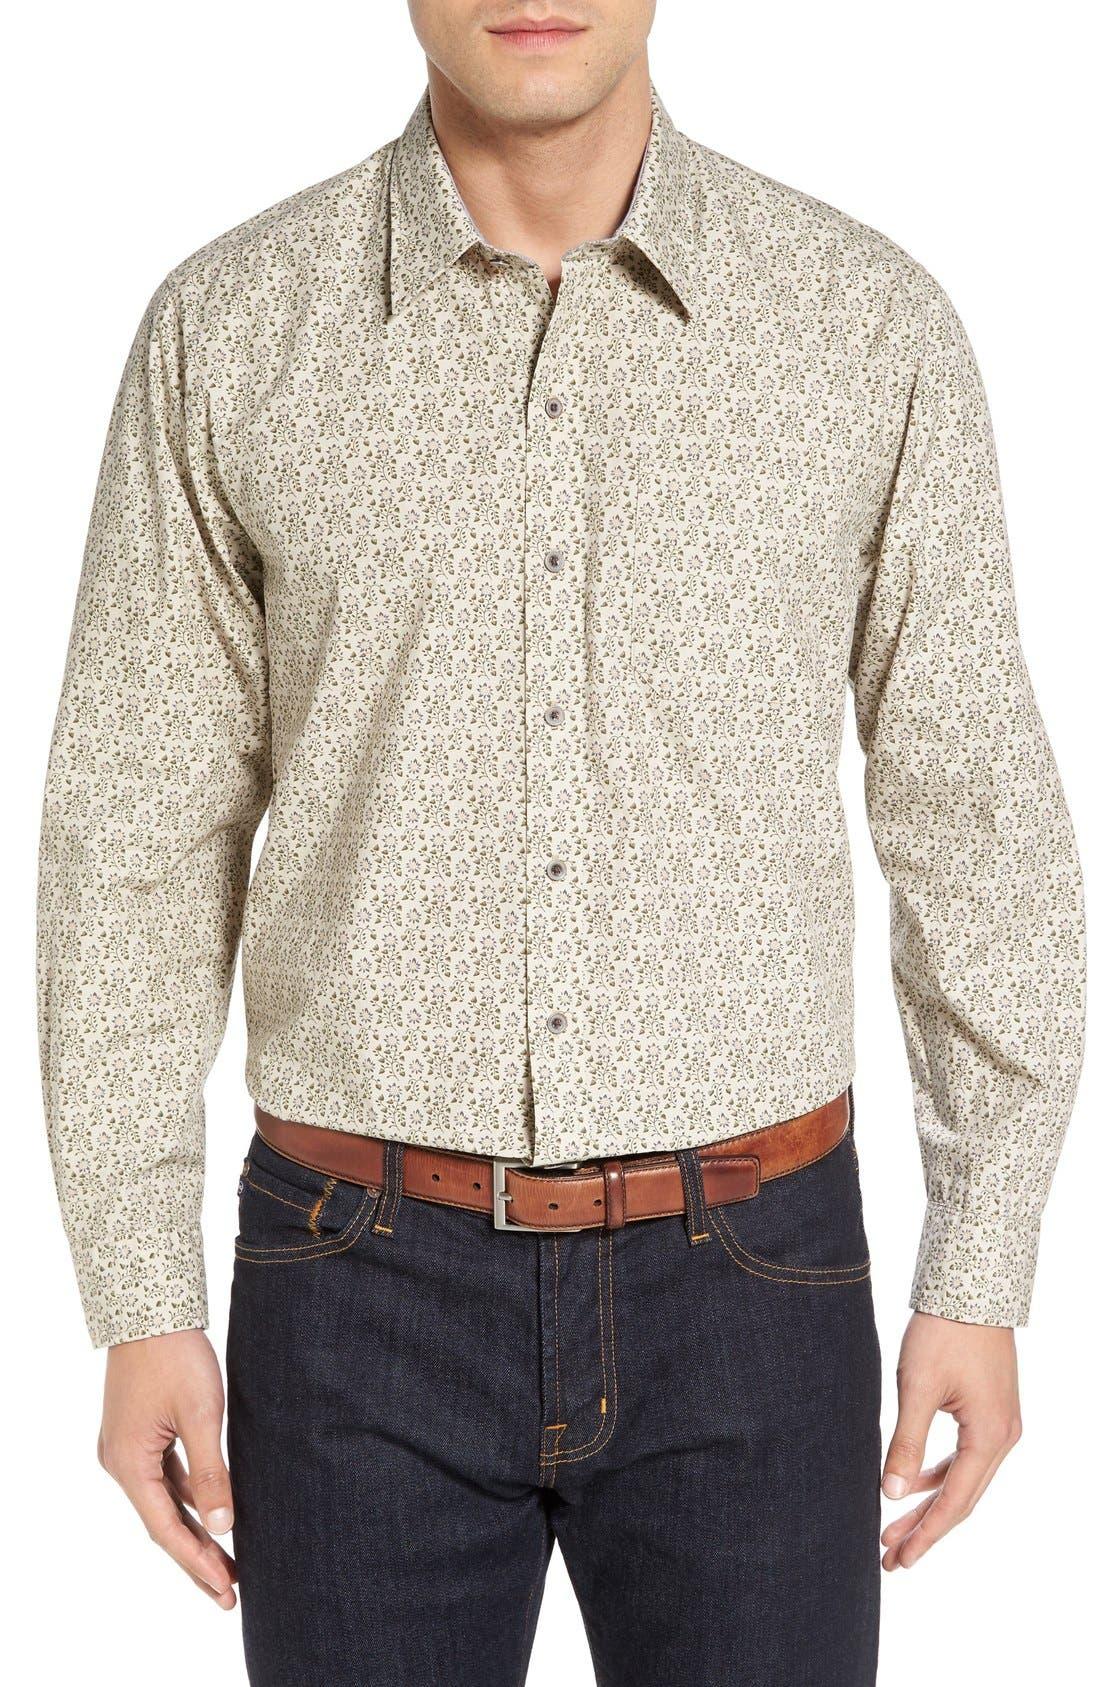 Cutter & Buck 'Winston' Regular Fit Print Sport Shirt (Big & Tall)